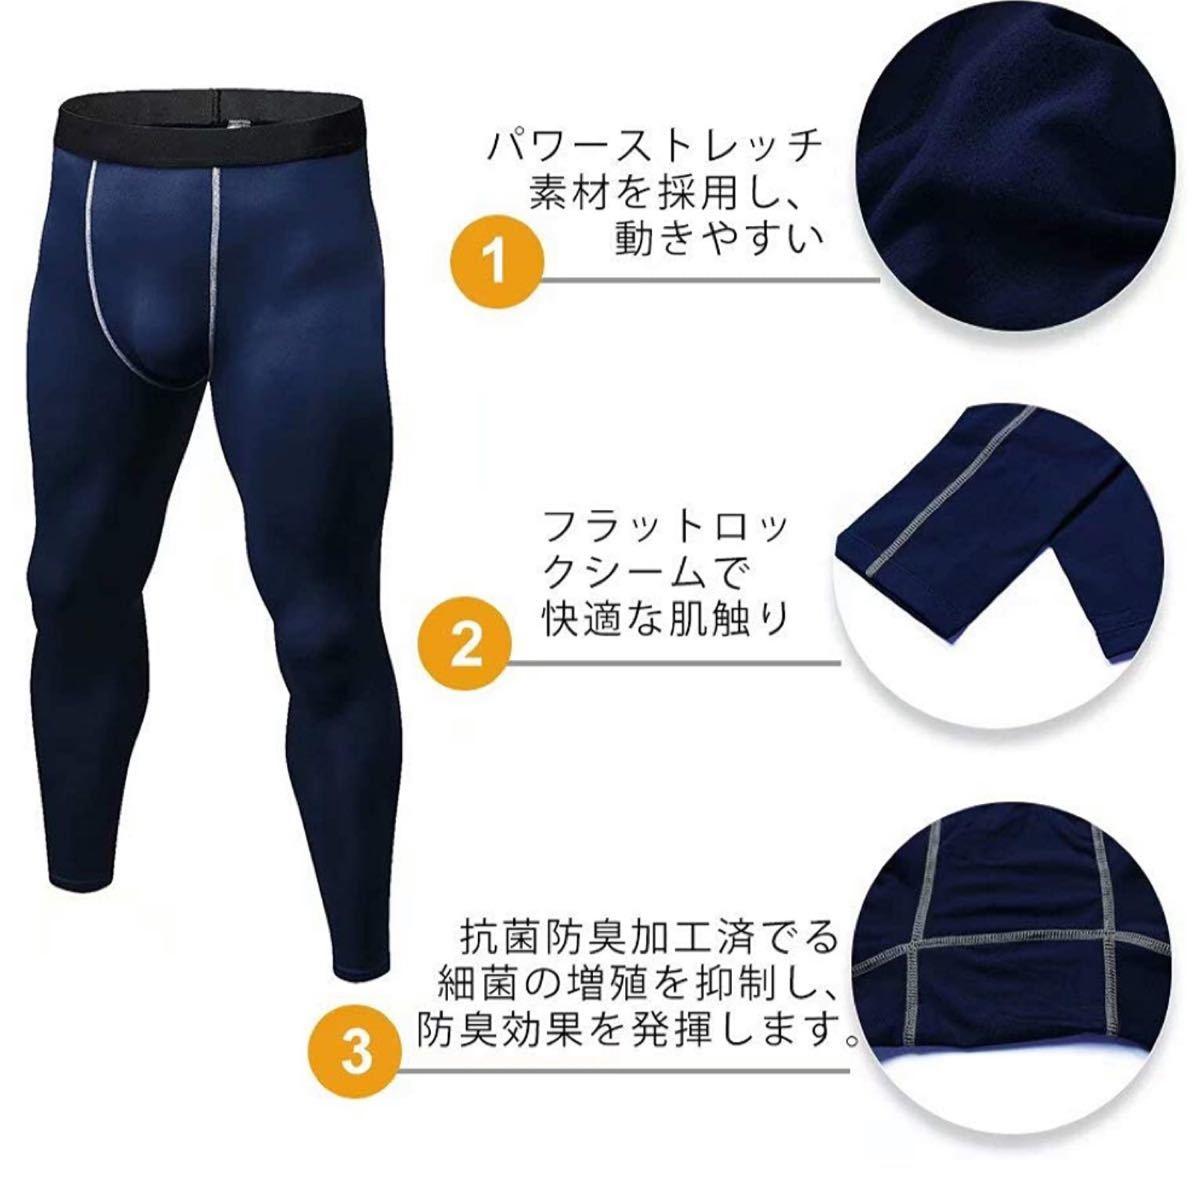 メンズ スポーツタイツ コンプレッションタイツ ロング レギンス ランニングタイツ